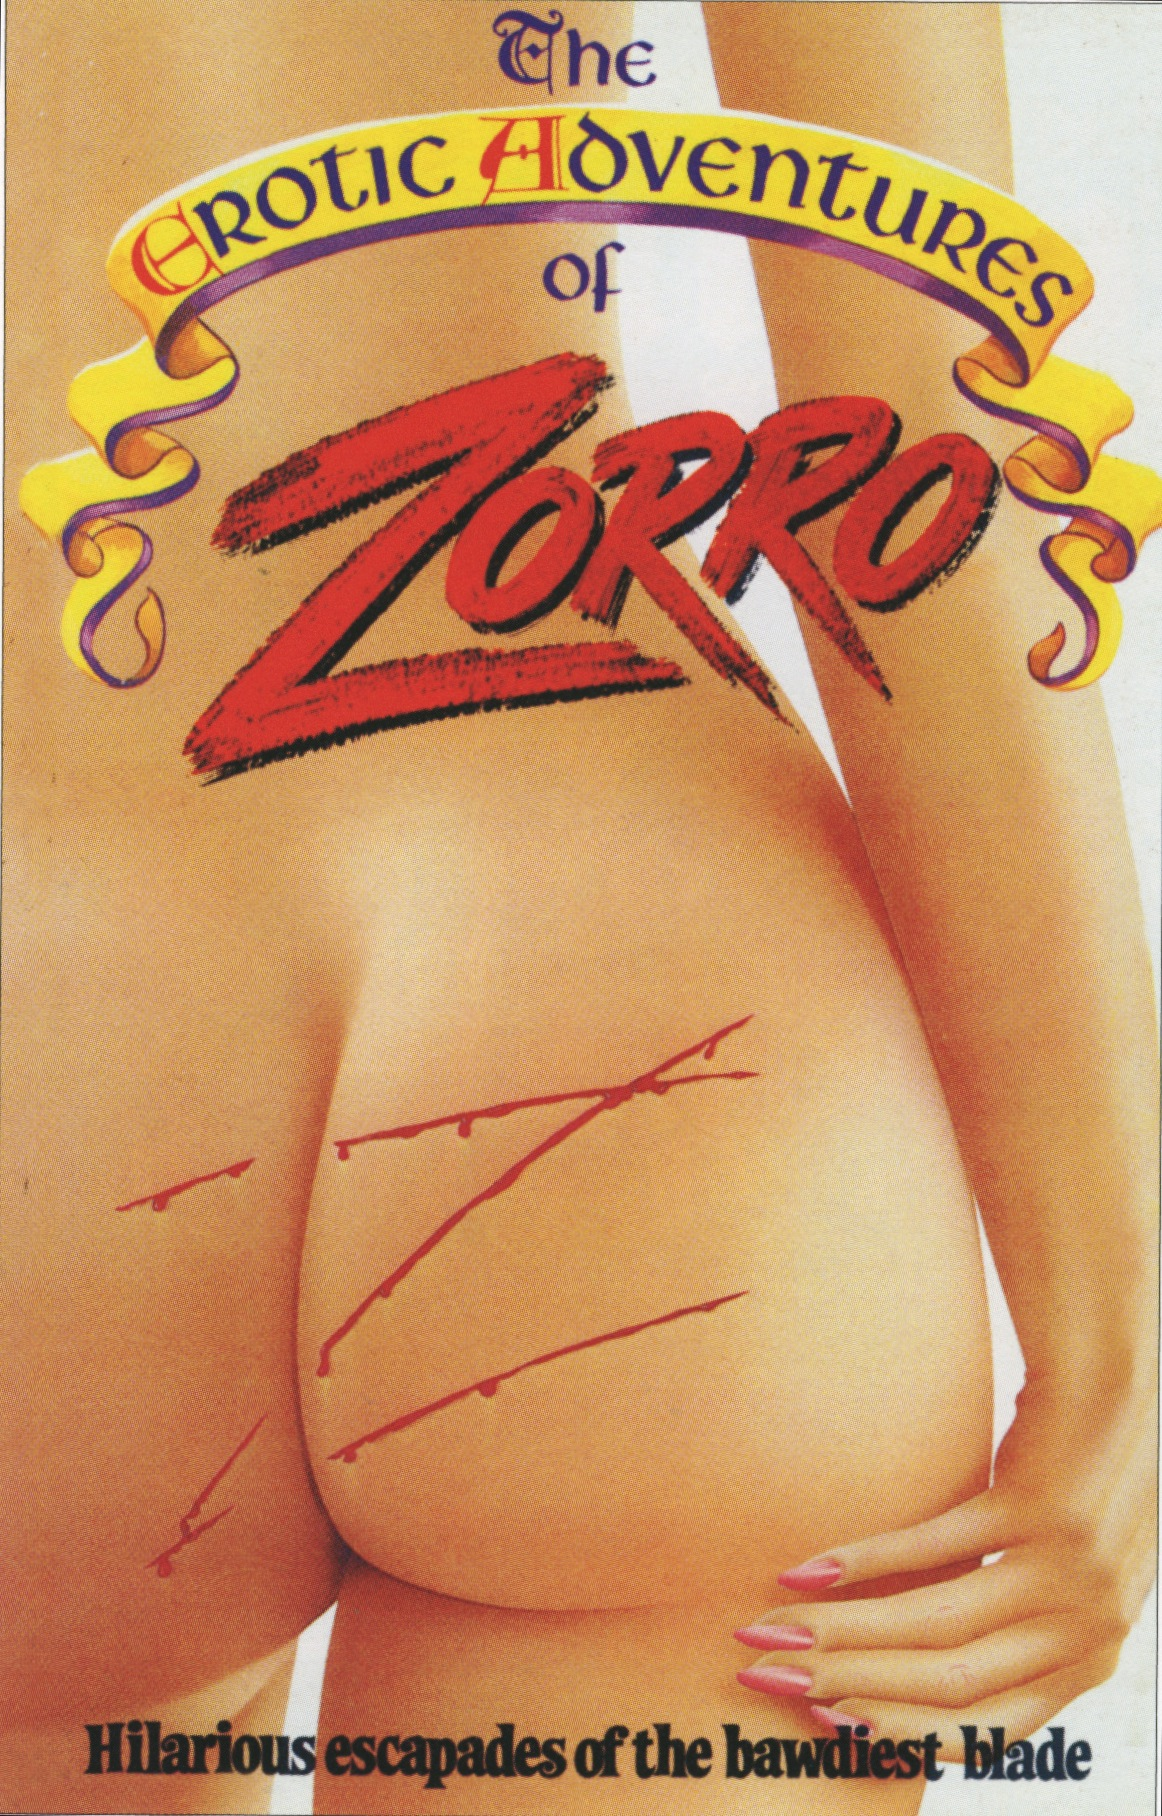 The erotic adventures of zorro clip